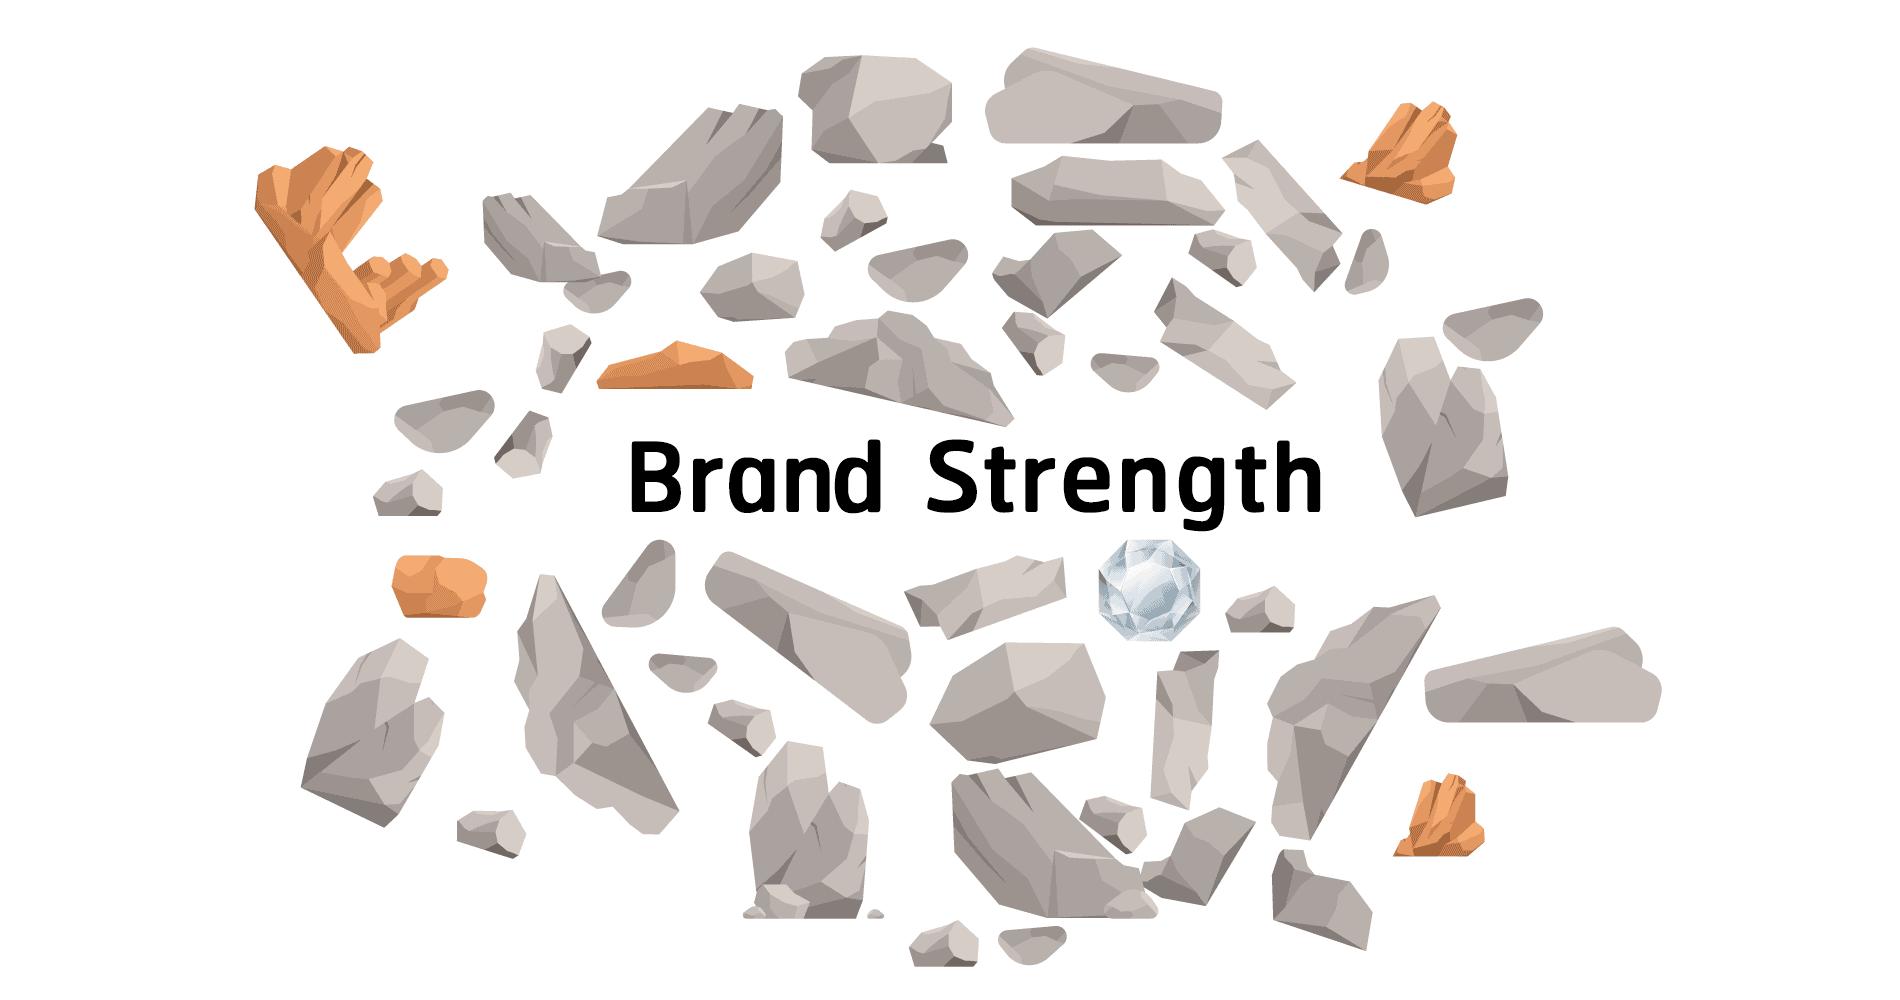 ความไว้ใจ เป็นของมีค่า Brand Strength ก็เช่นกัน